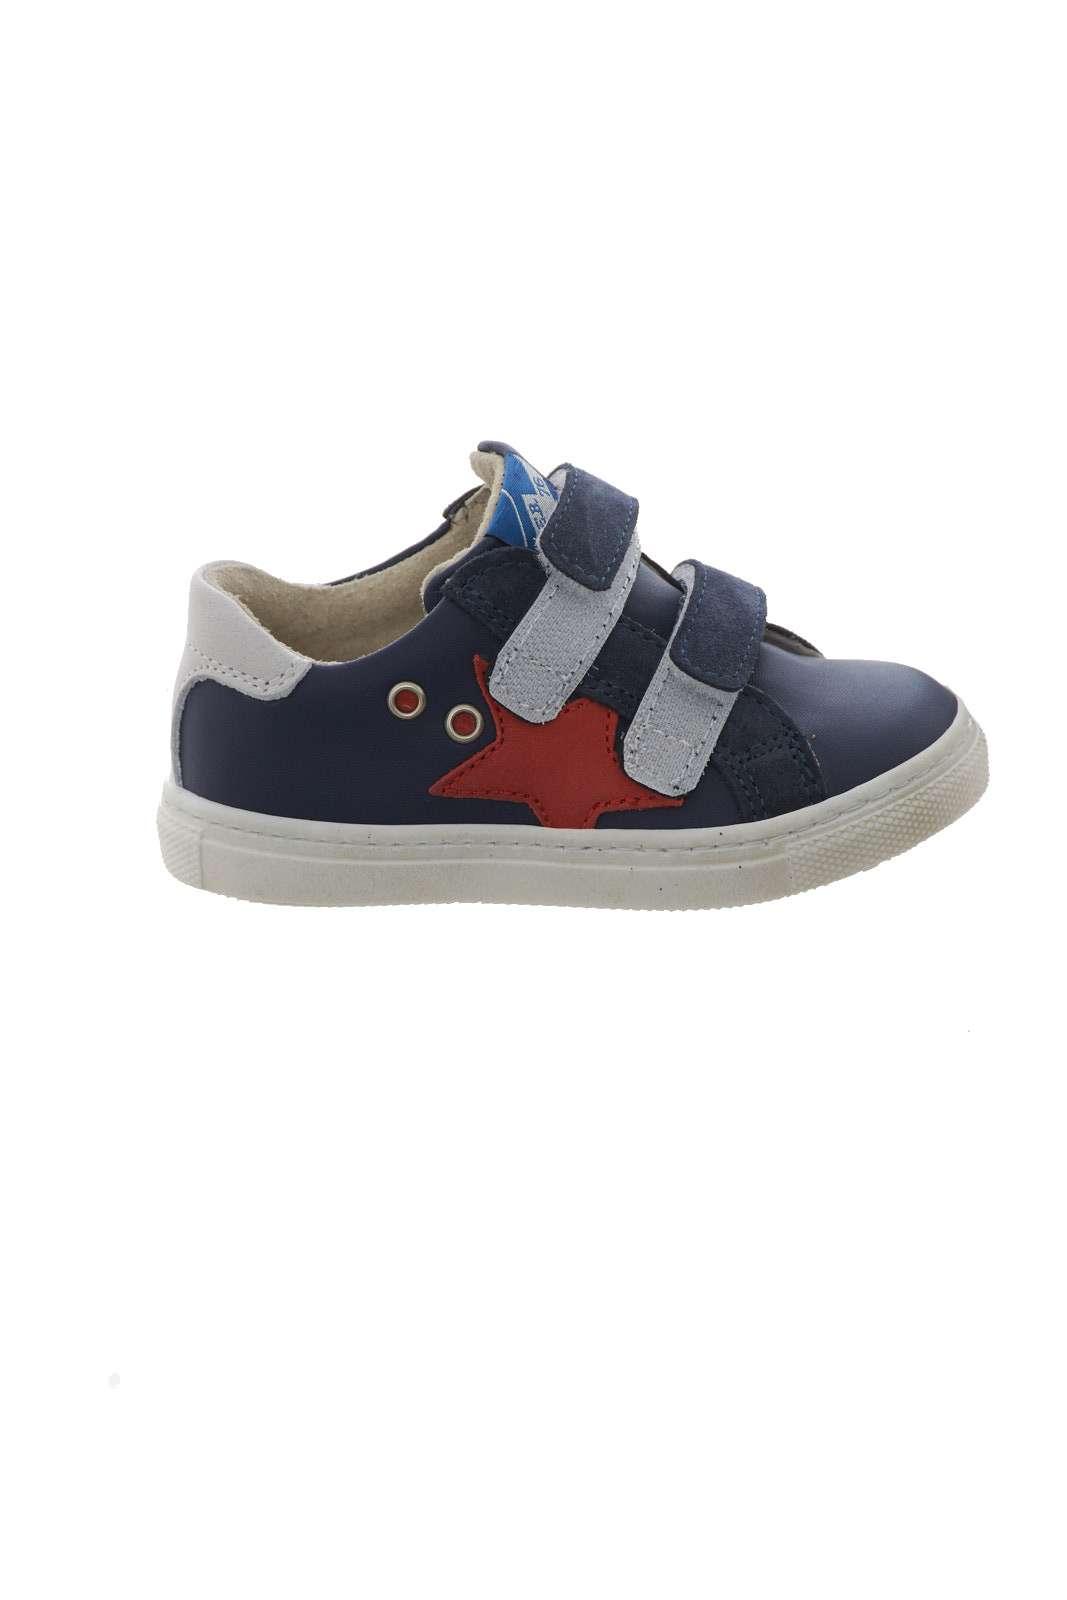 Una sneaker semplice e sportiva con la prestigiosa firma E.B. Shoes. Dal look casual, sarà perfetta per le attività di tutti i giorni del tuo bambino, dalla scuola allo svago, per comodità e stile racchiusi insieme.